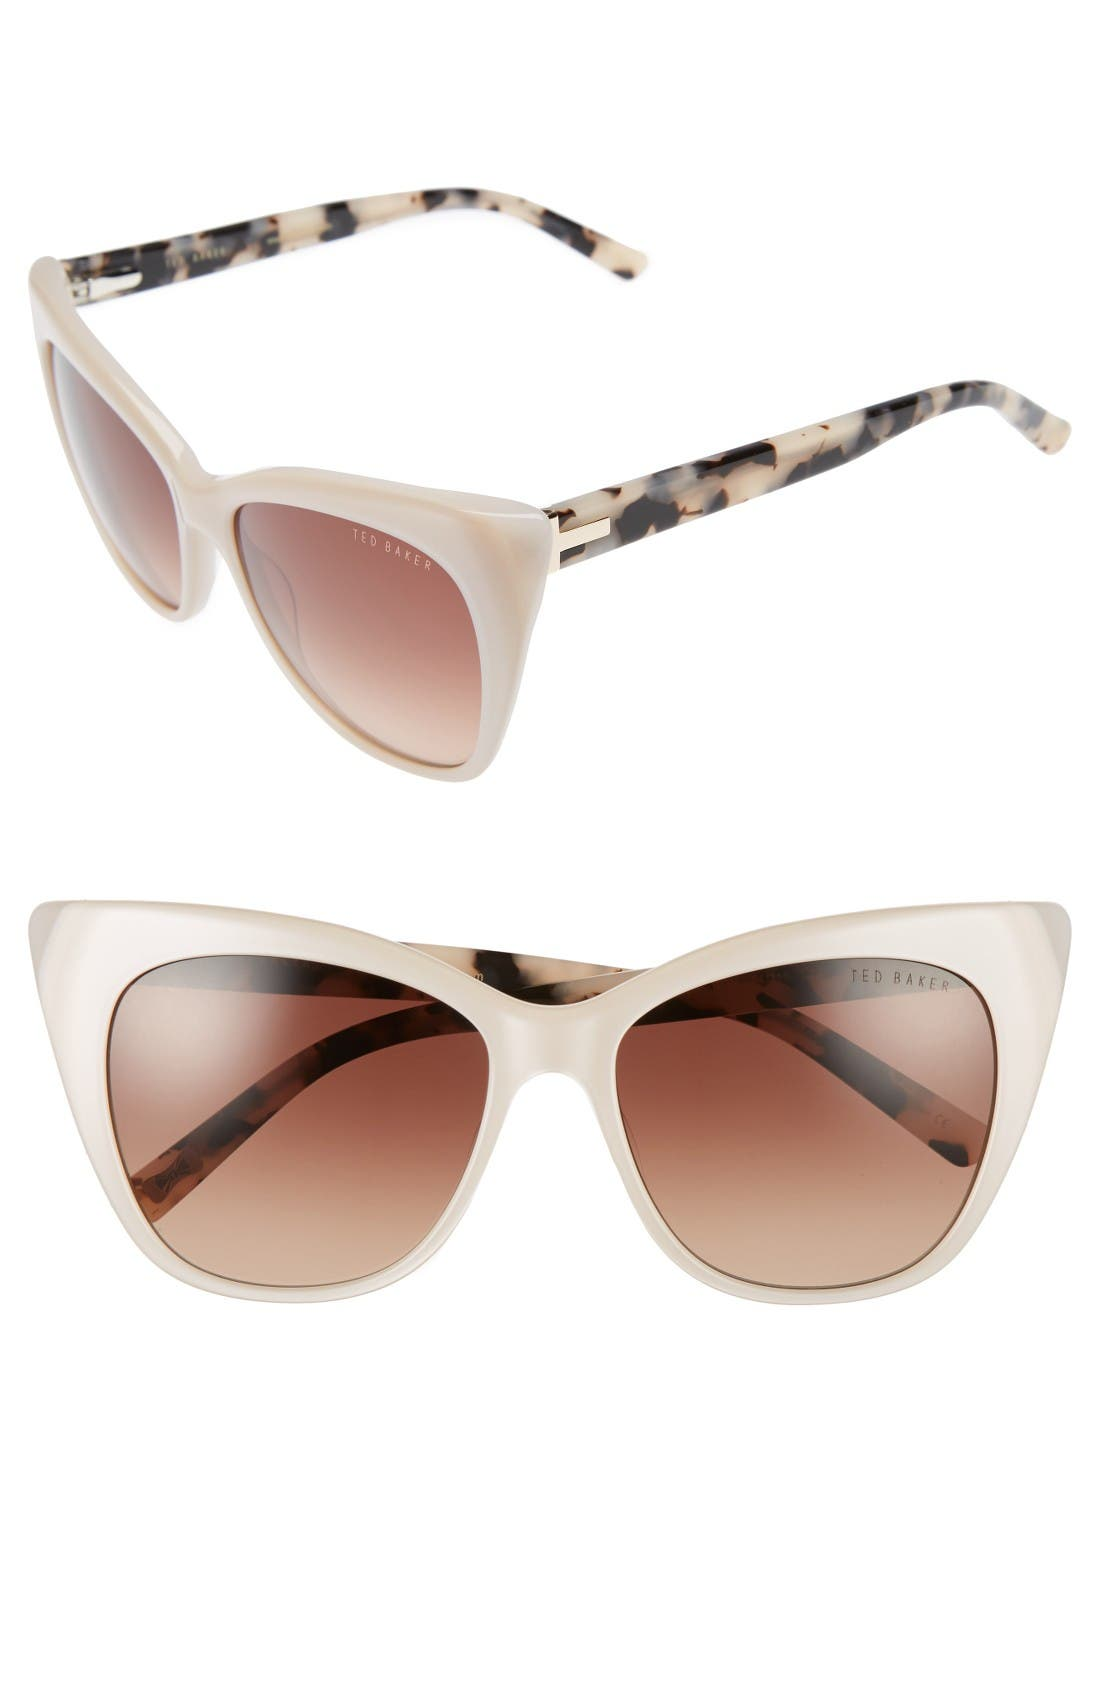 54mm Cat Eye Sunglasses,                         Main,                         color, Beige